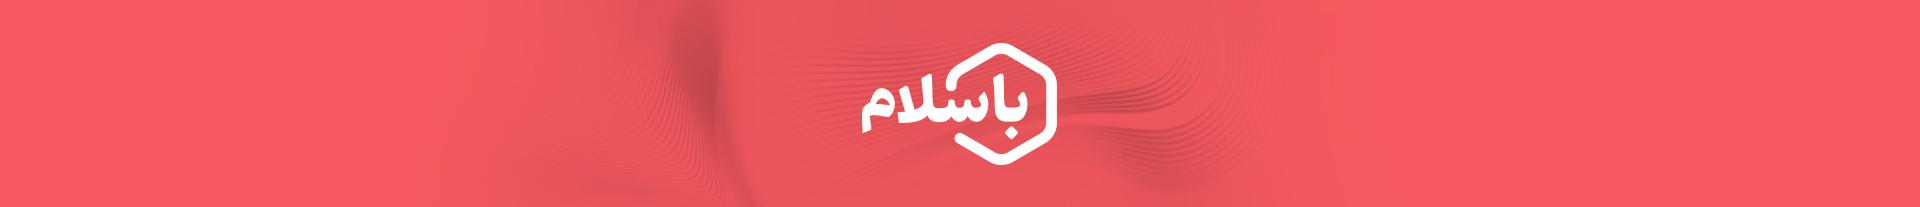 کد تخفیف فروشگاه باسلام